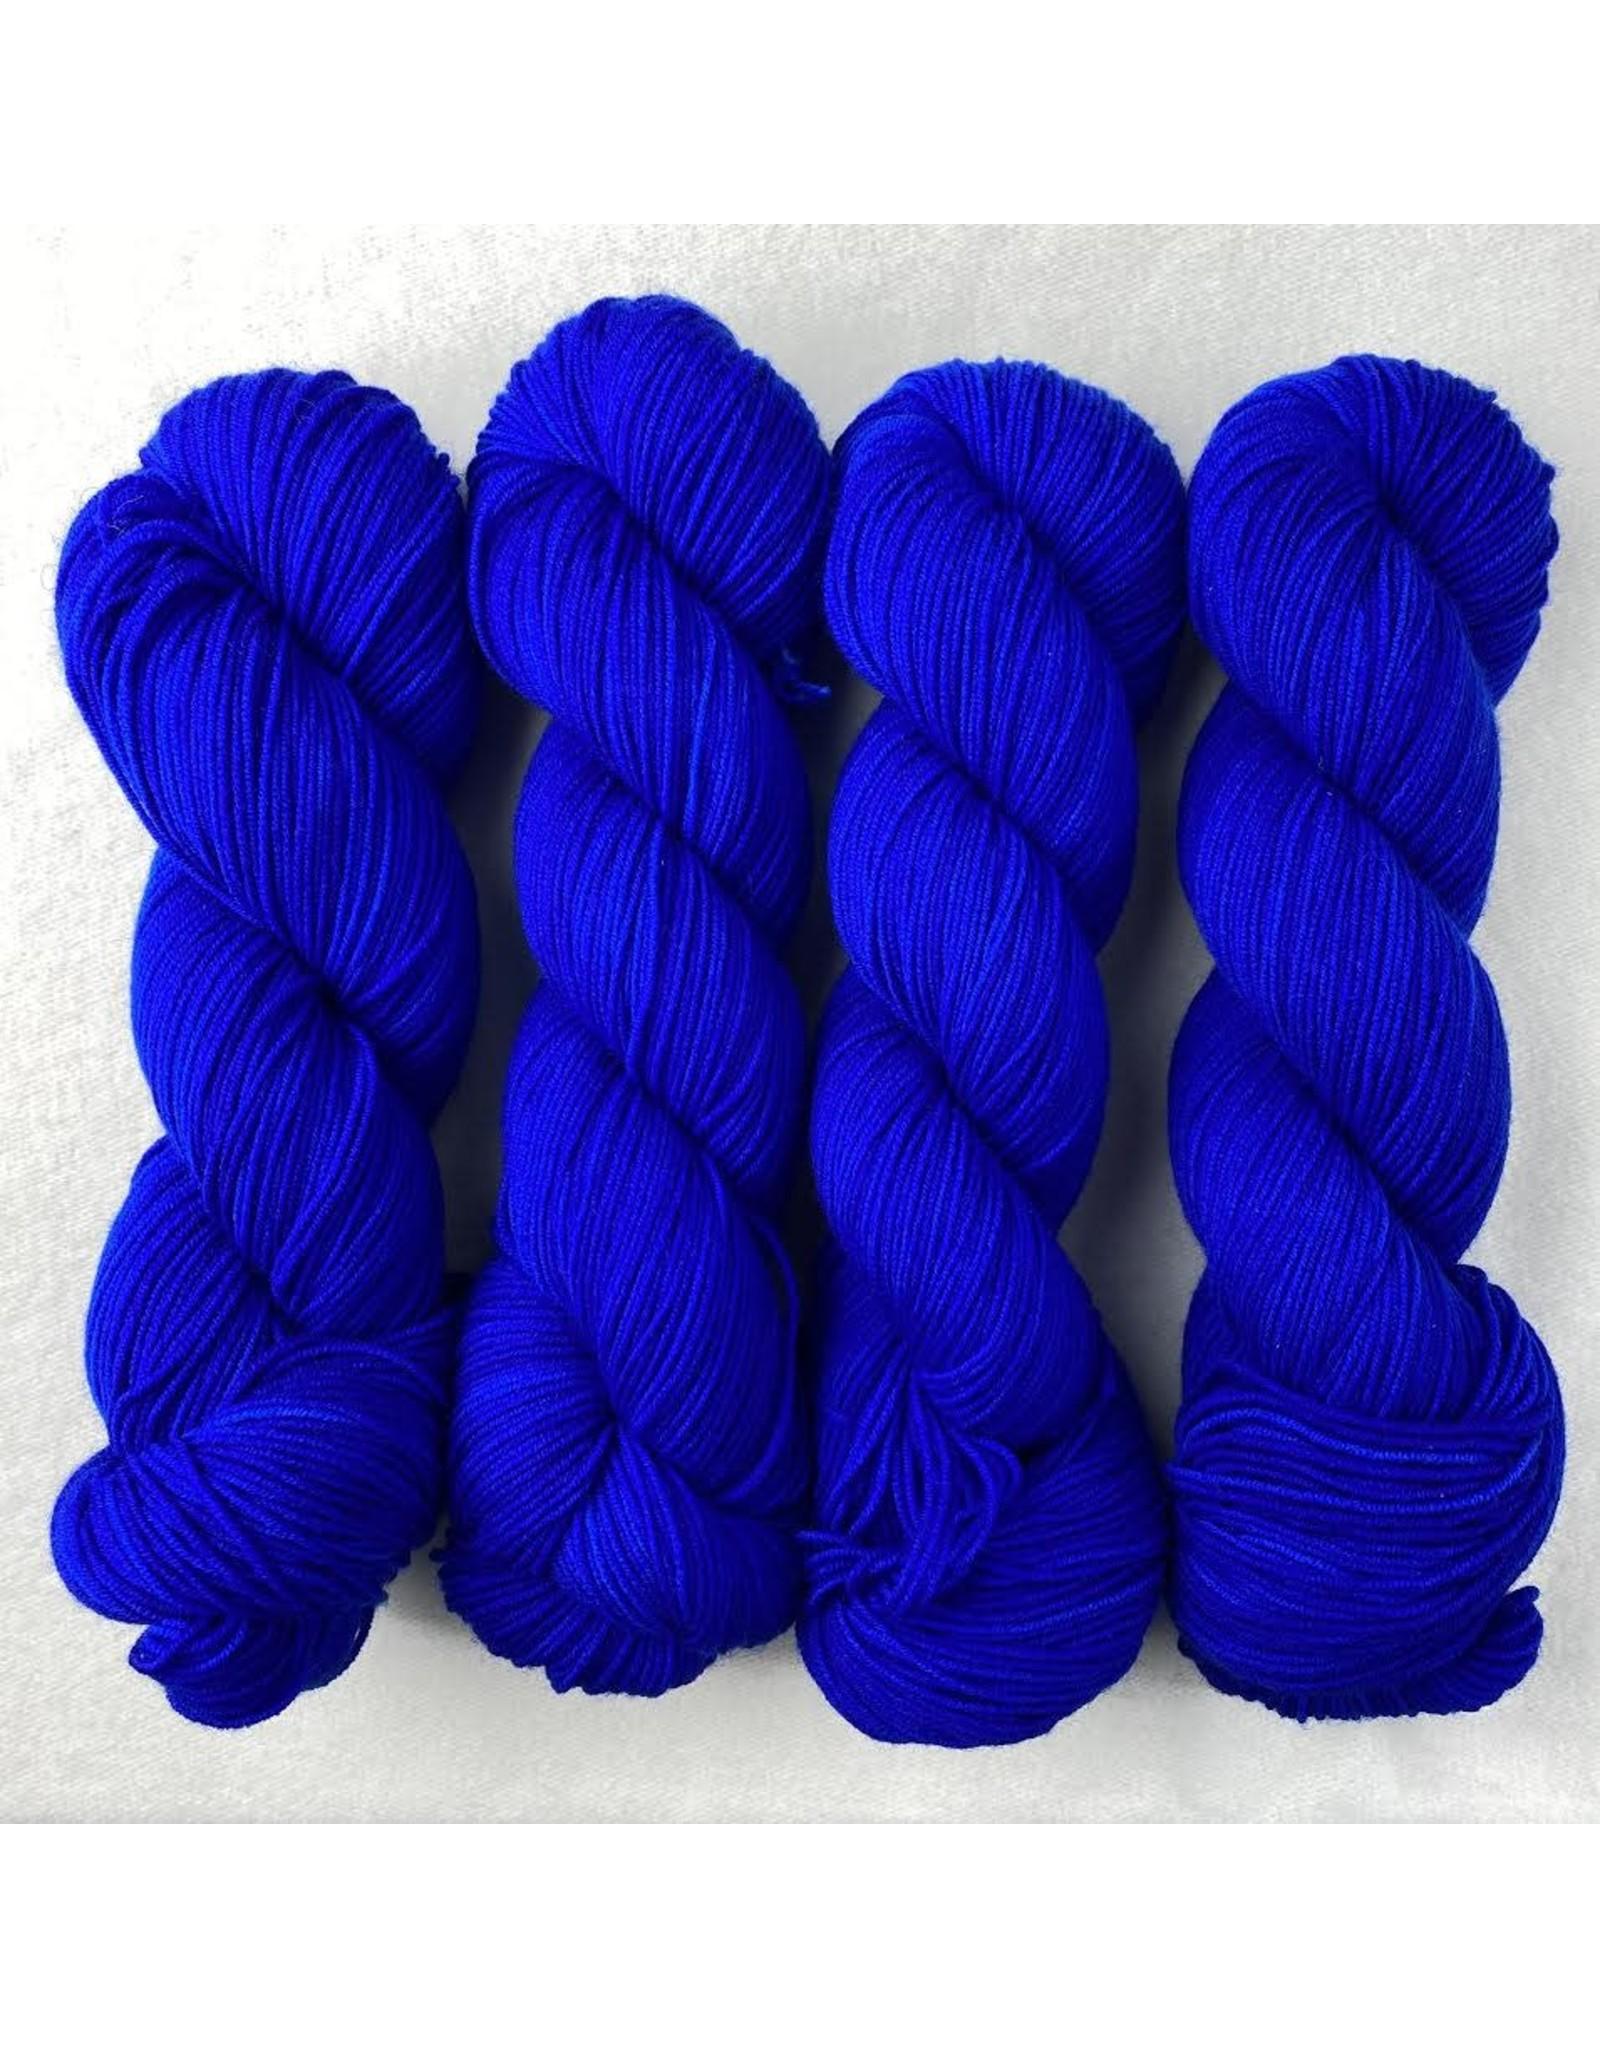 Luminous Brooklyn Lazurite- Radiant Sock - Luminous Brooklyn